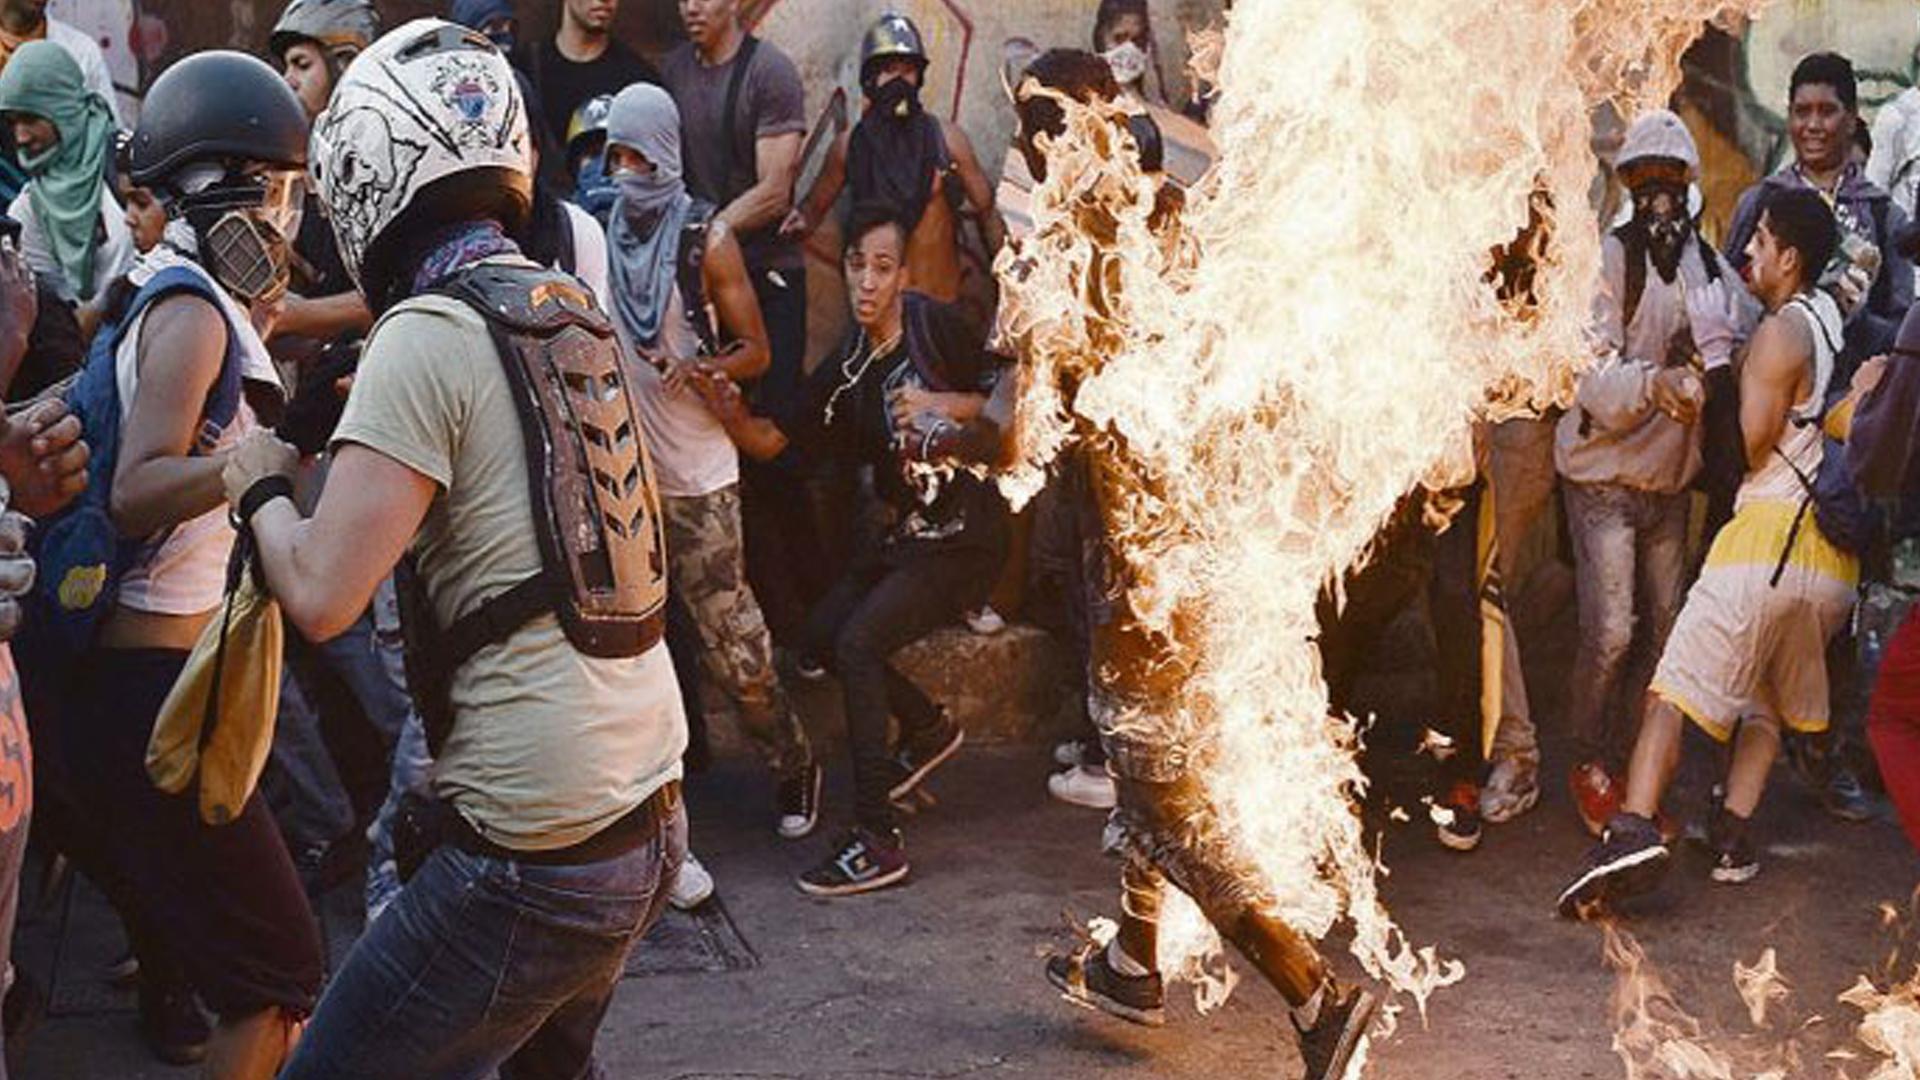 Apelan extradición de Enzo Franchini acusado de quemar a joven en las protestas de 2017